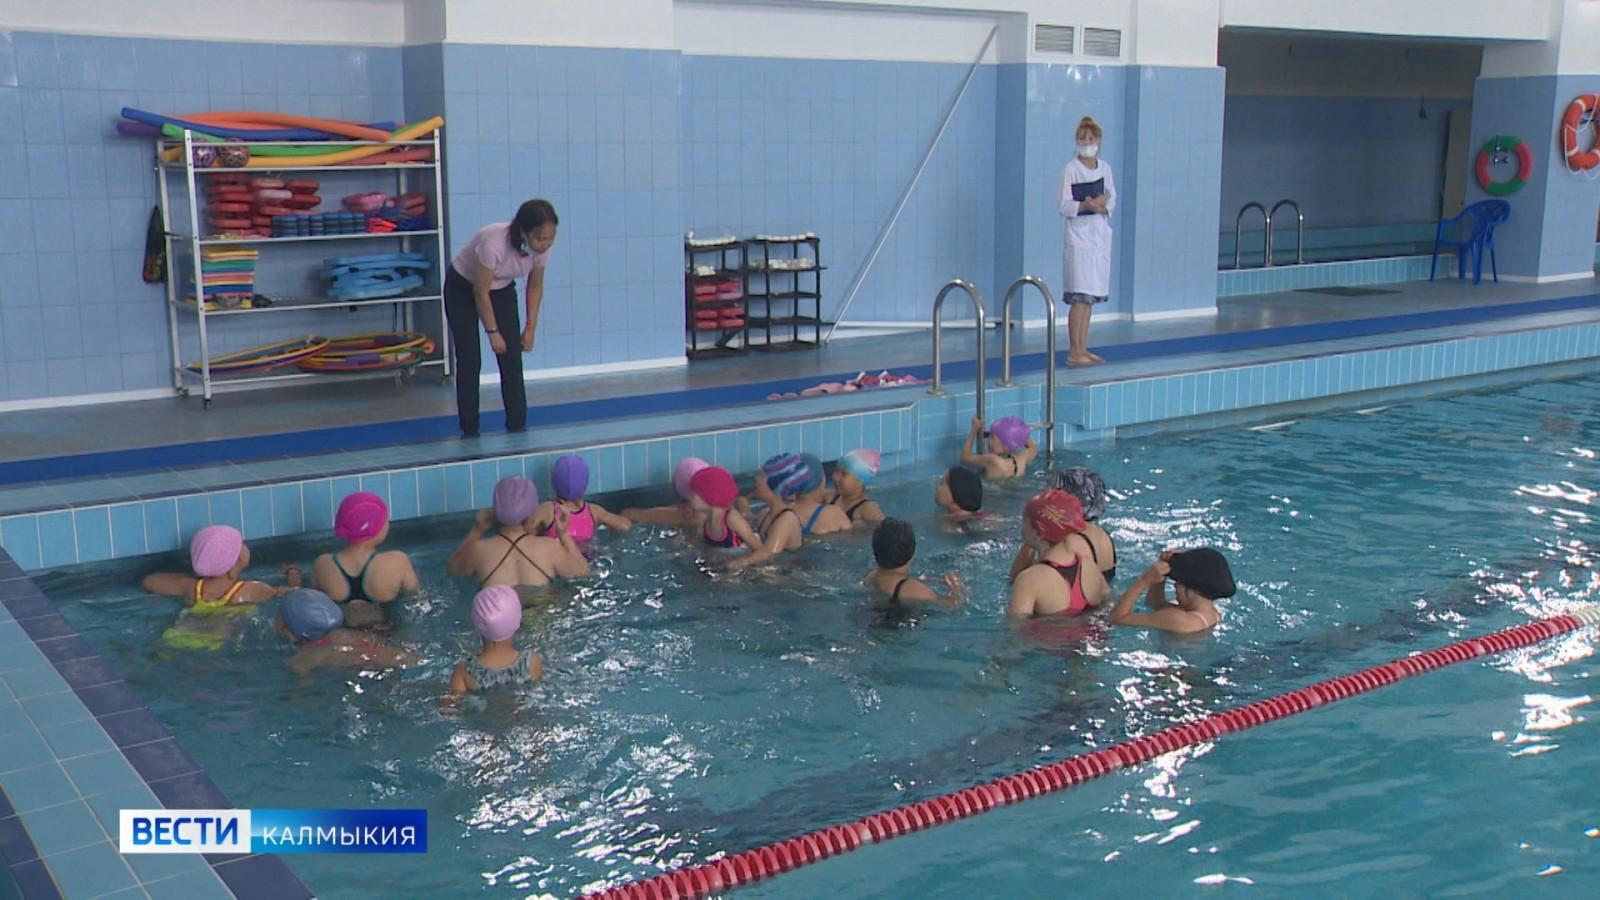 Во Дворце Детского Творчества после ремонта вновь открылся плавательный бассейн